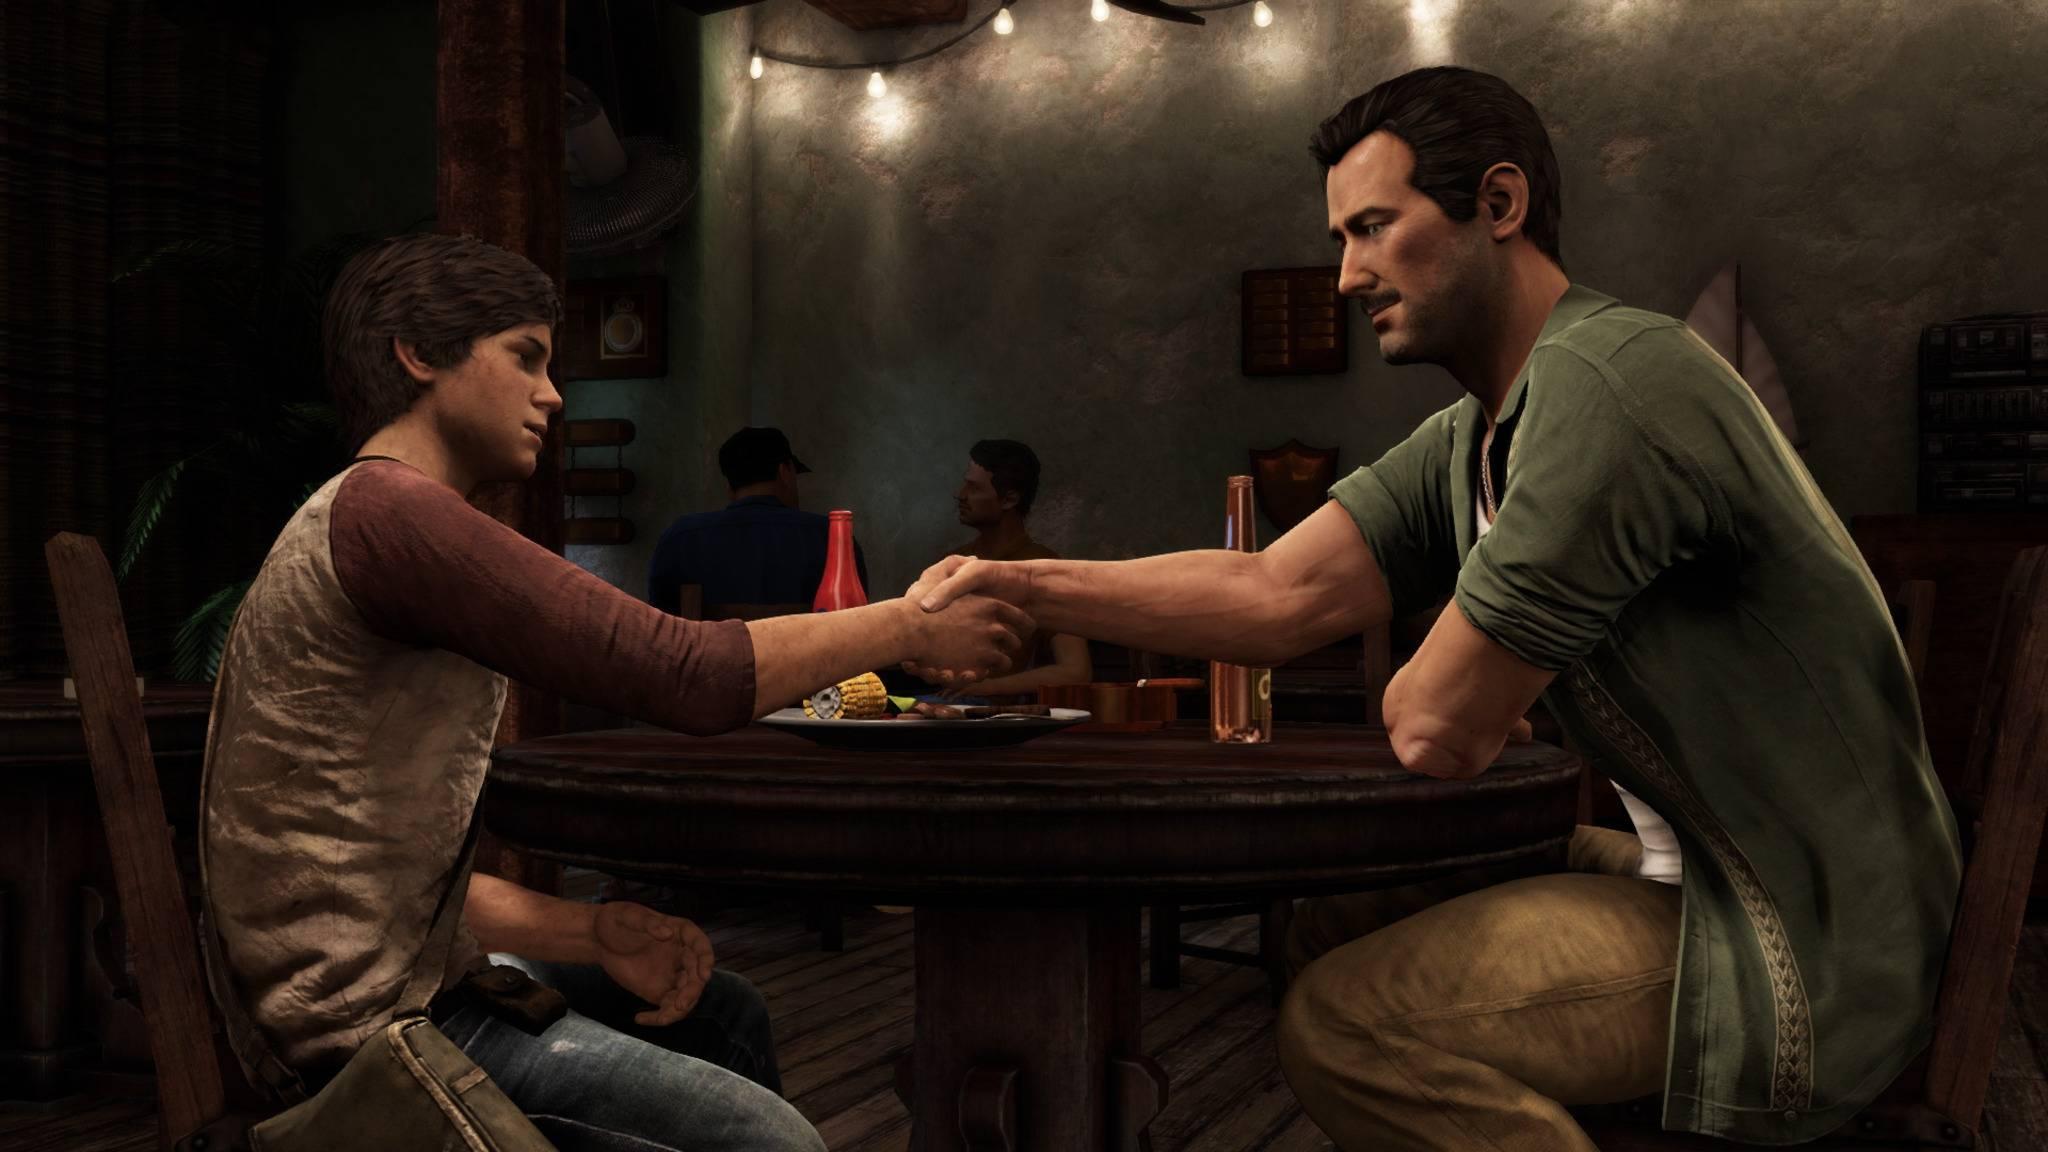 """Laut """"Uncharted 3: Drakes Deception"""" ist Sully so etwas wie Nates Ziehvater – doch im ersten Teil war Nate wenig über Sullys (Schein-)Tod betrübt."""